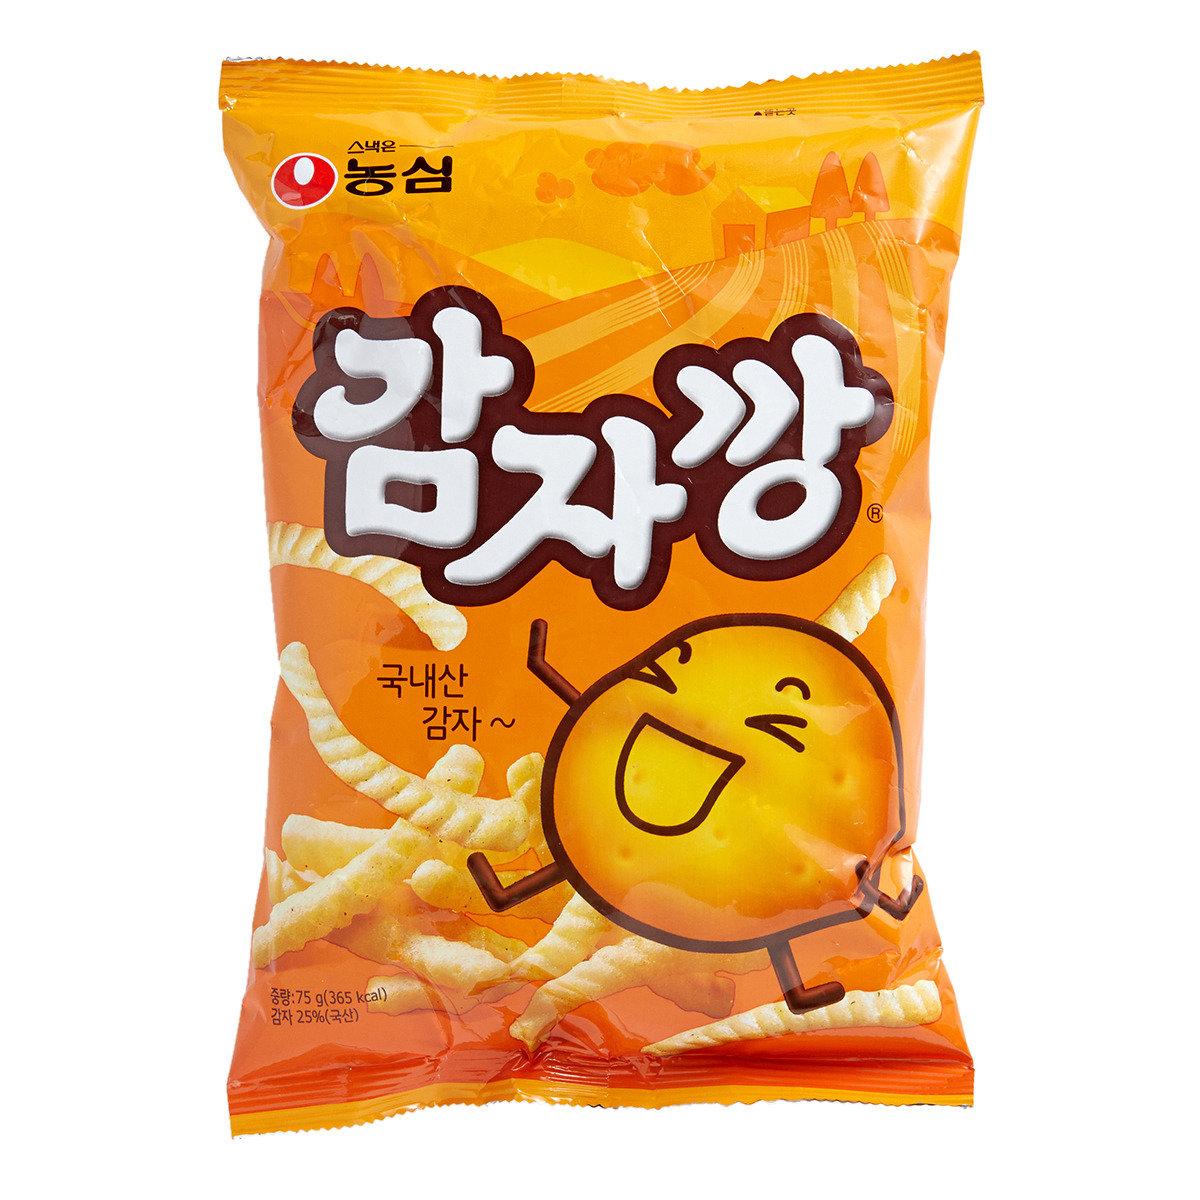 薯仔條(賞味期限: 21/12/2016)